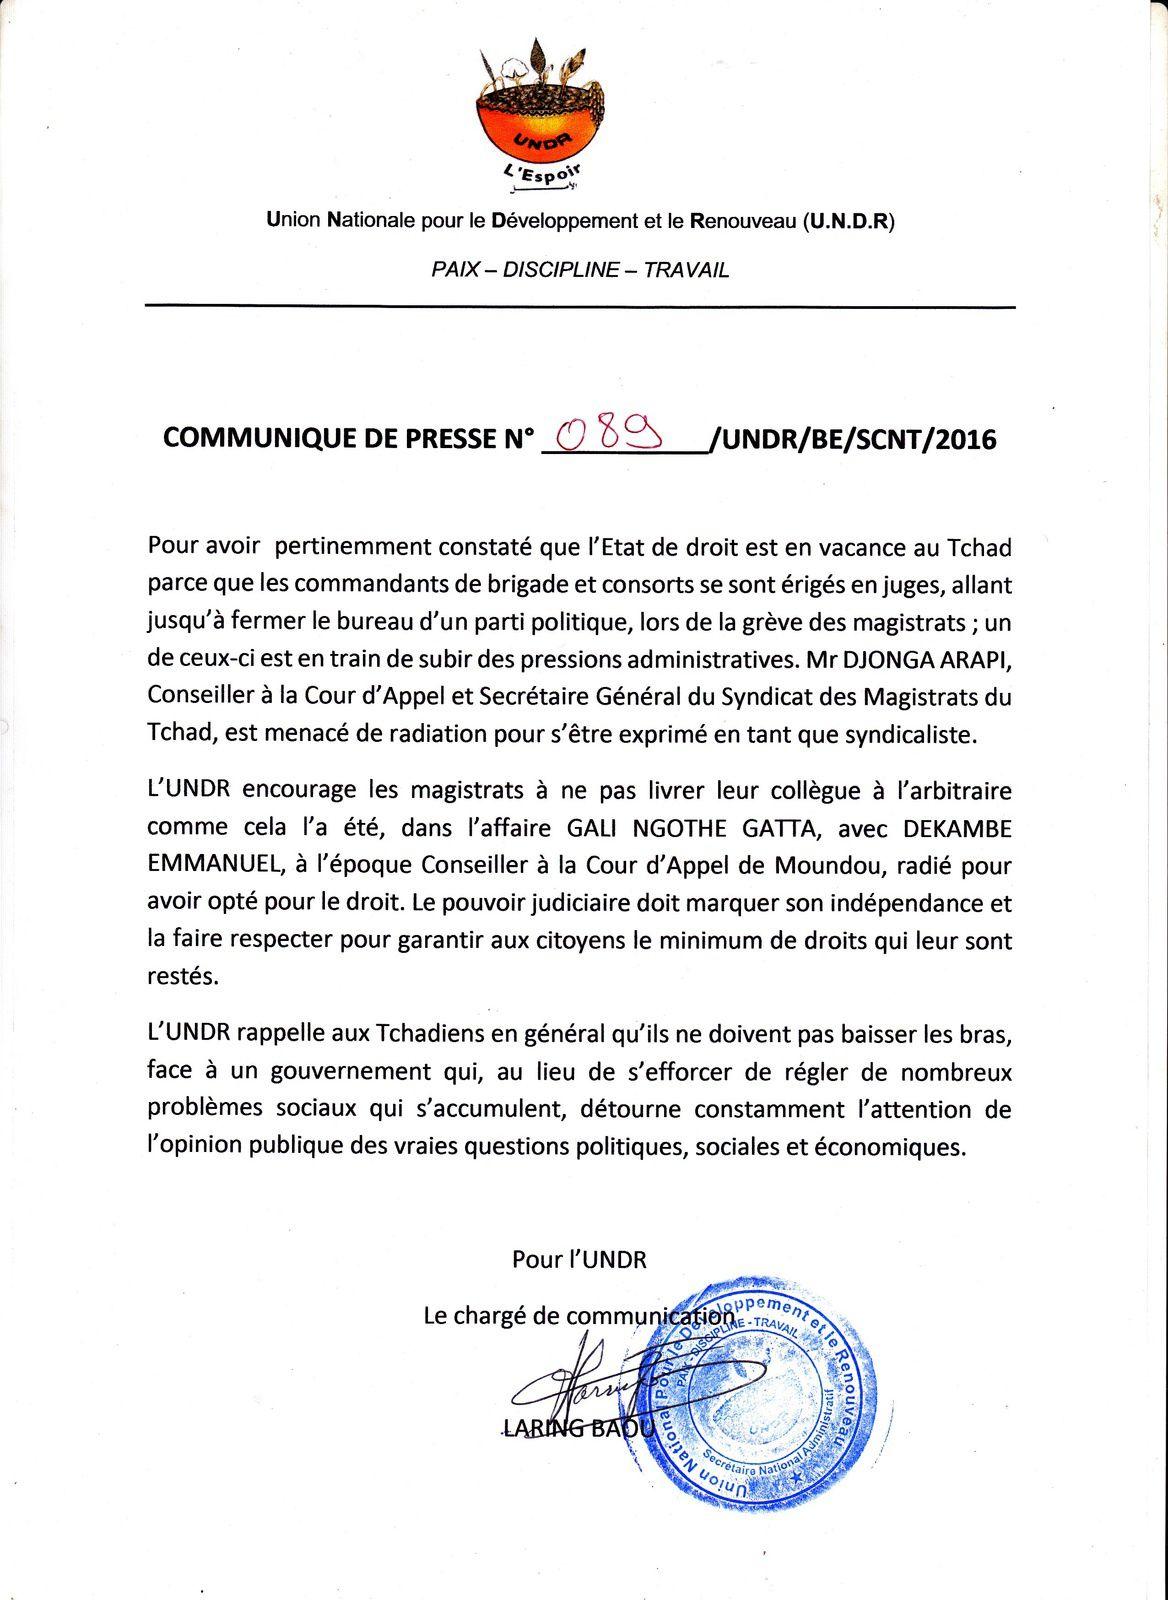 L'UNDR solidaire au magistrat Djonga Arapi et appelle les Tchadiens à ne pas baisser les bras